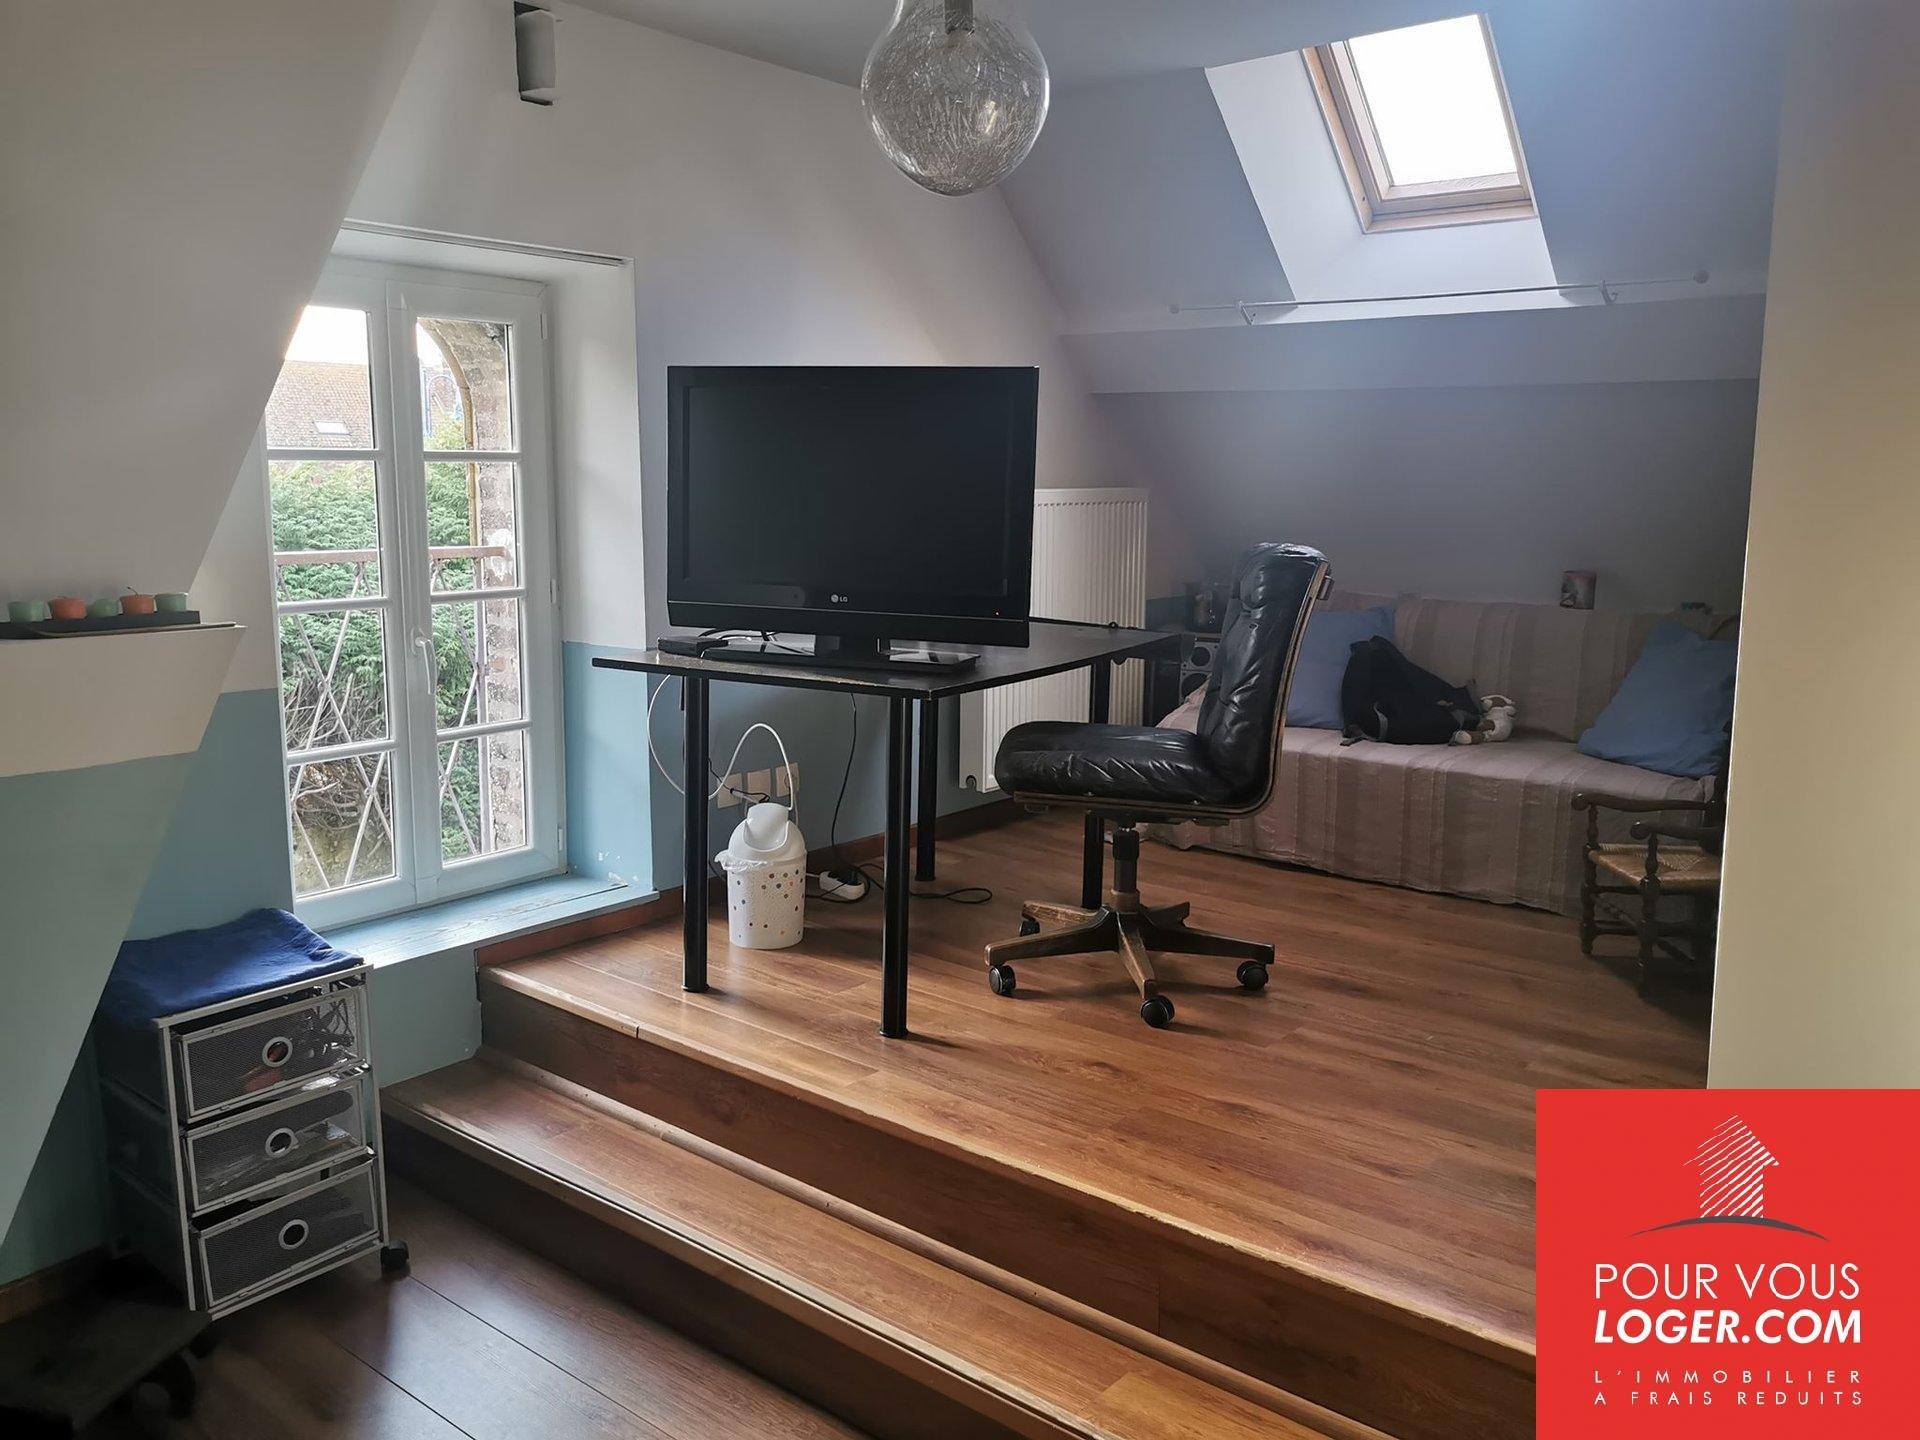 Maison familiale 180 m2 Neufchâtel